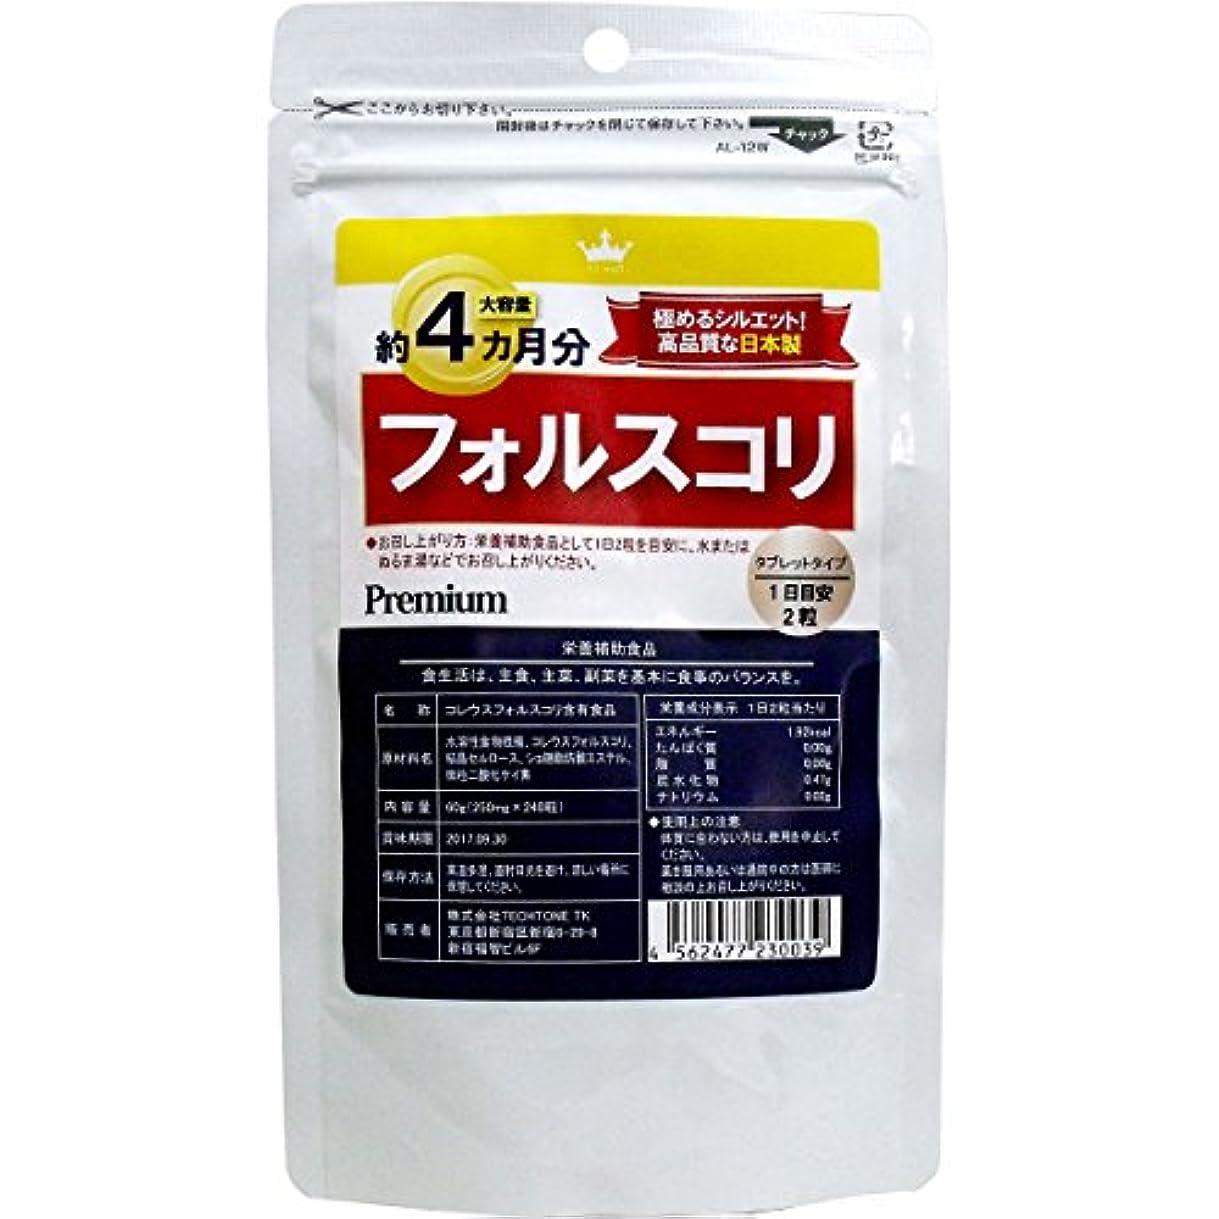 ブラウザ。どちらかサプリメント 高品質な日本製 健康食品 フォルスコリ 約4カ月分 240粒入